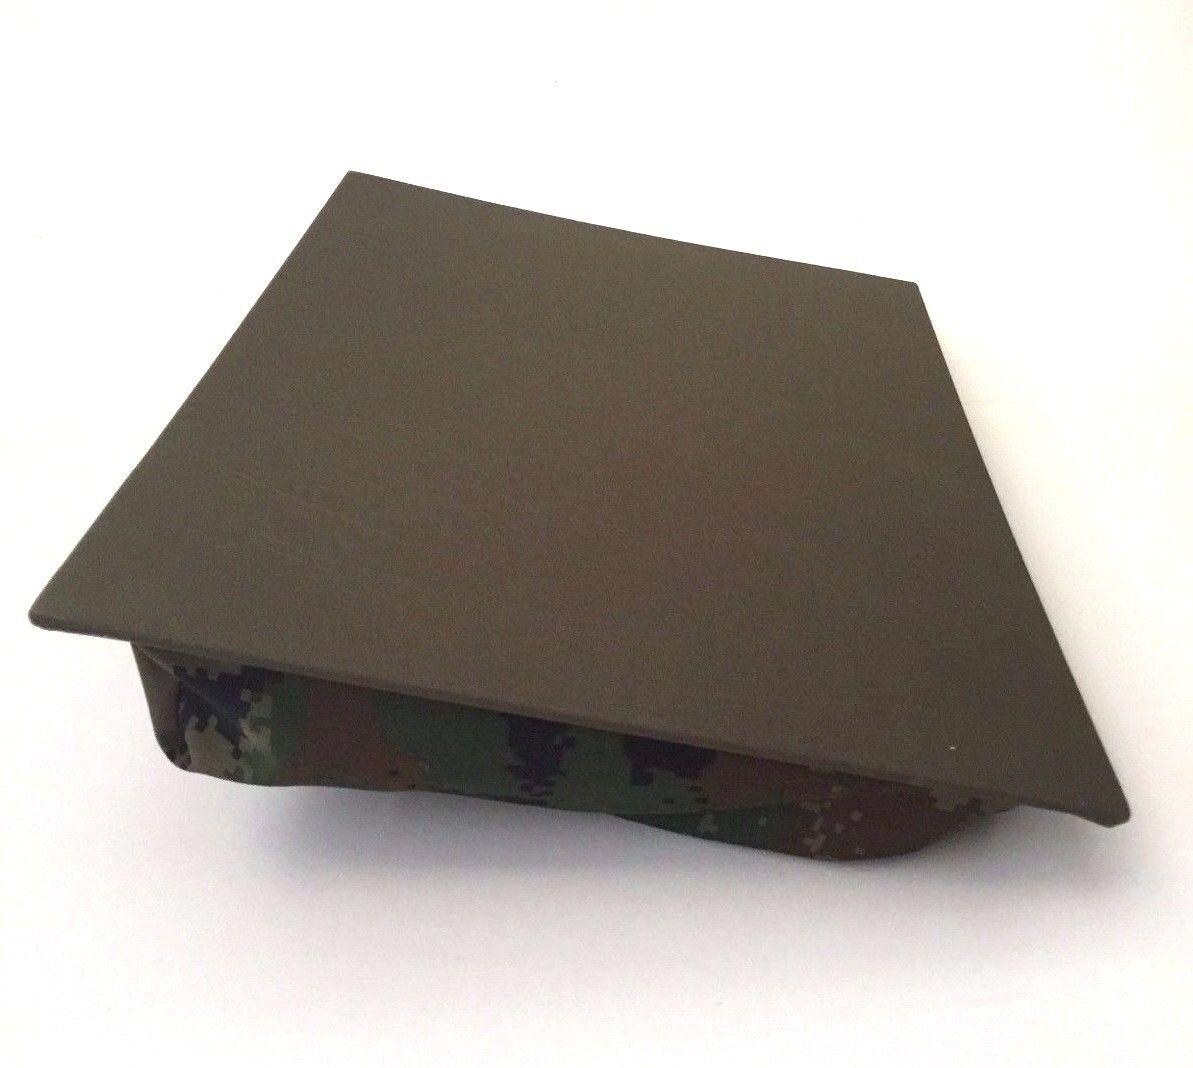 3 Of 9 Lap Desk Laptop Multi Purposes Tray Portable Back Cushion Beanbag 4